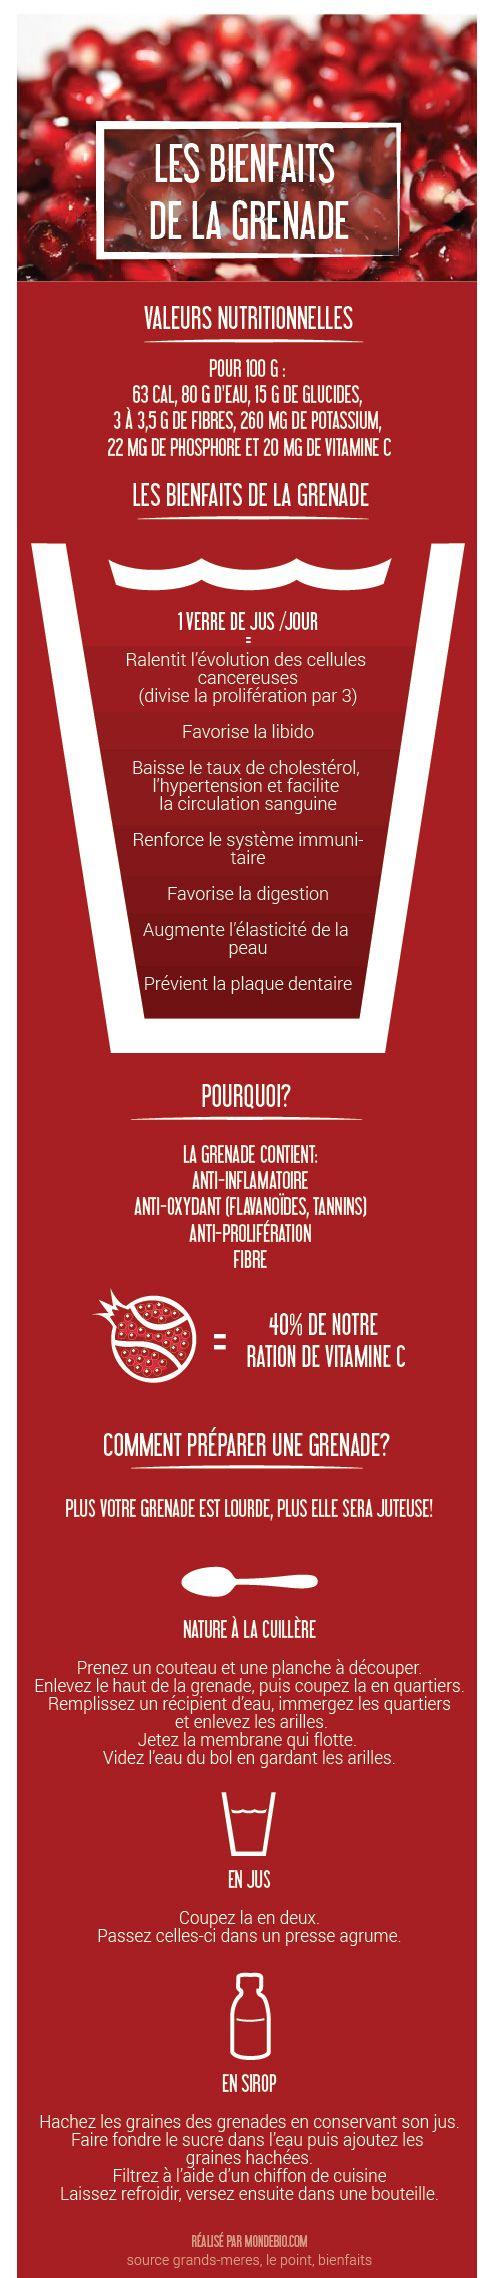 Infographie: les bienfaits et les vertus de la Grenade! En jus, en sirop, nature... tous ces effets sur notre santé! #jusdegrenade